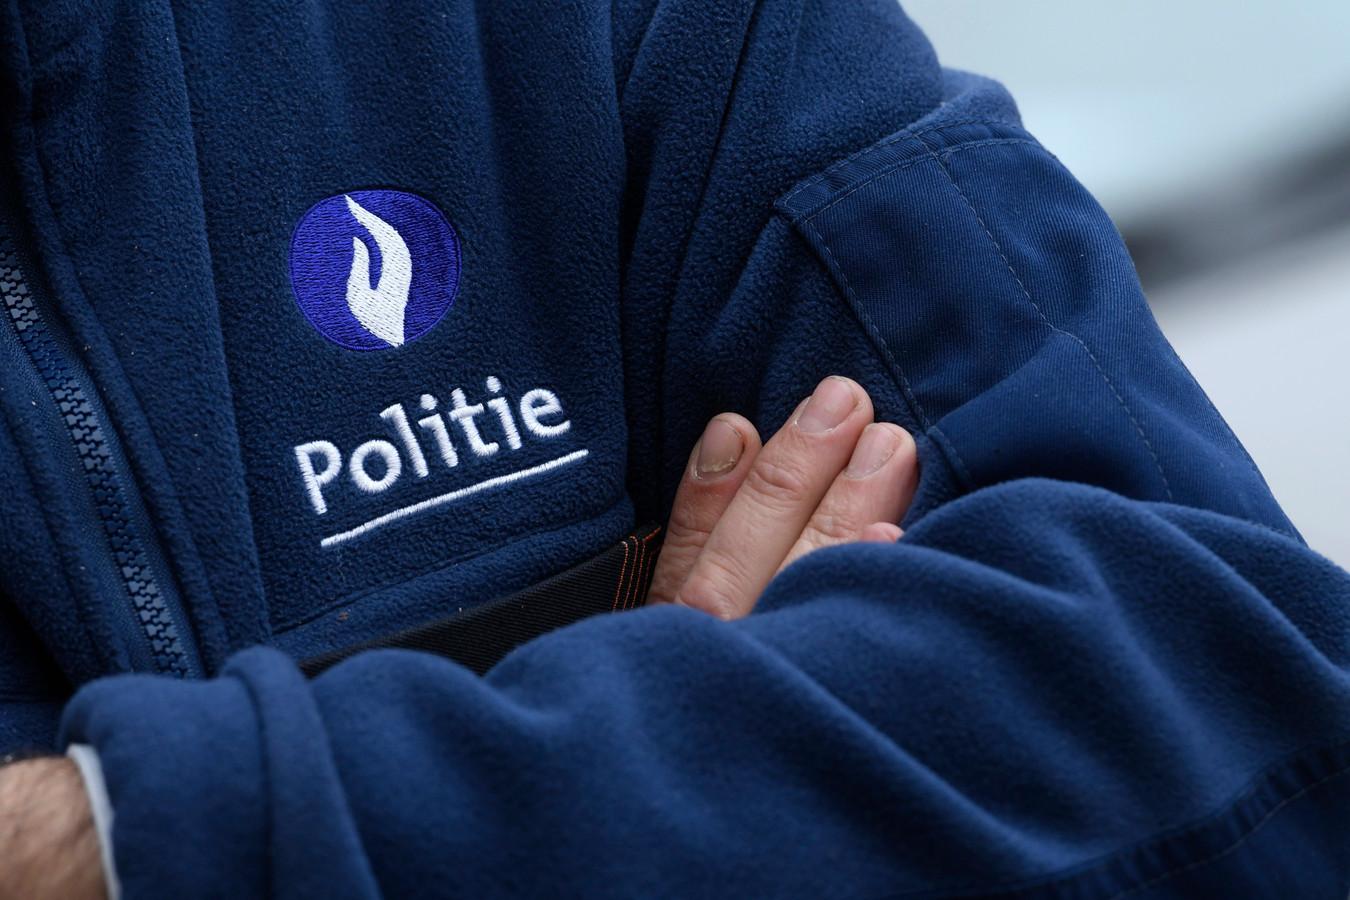 Vijf agenten kregen elk een schadevergoeding voor de slagen, stampen of fluimen die ze moesten verteren.